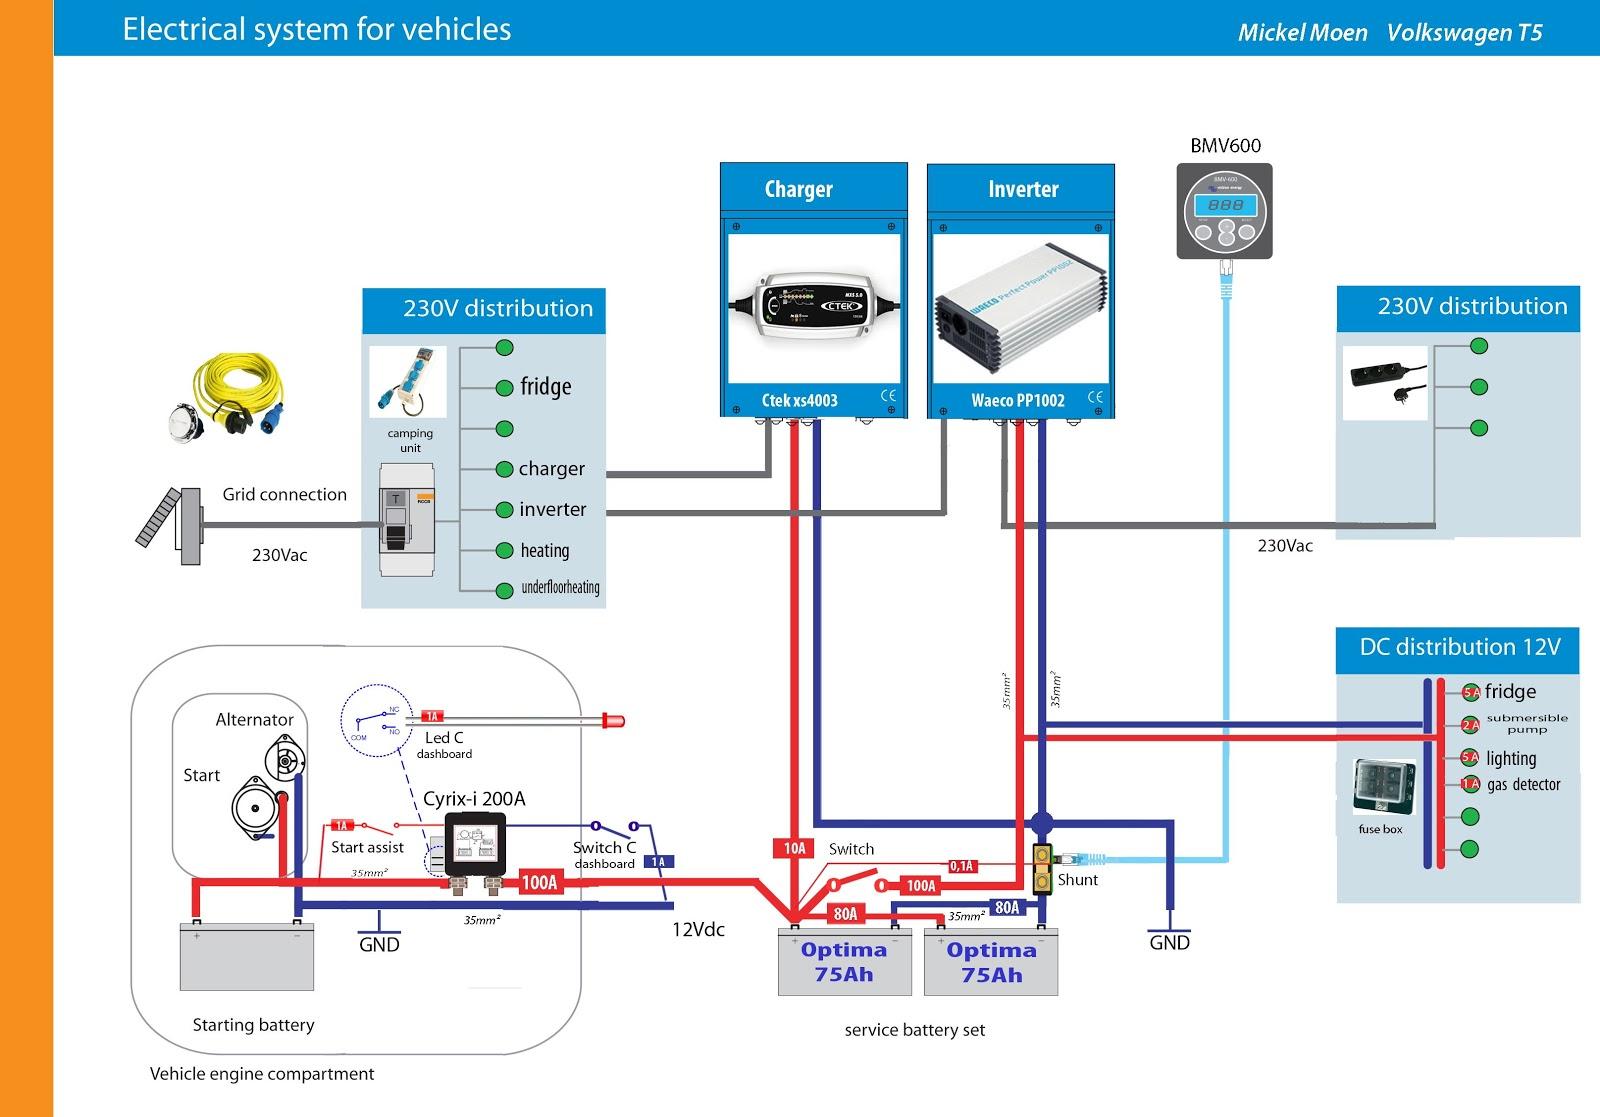 Schema elektrische installatie mickel moen volkswagen t5 van dc naar camper for Toon voorbeeld